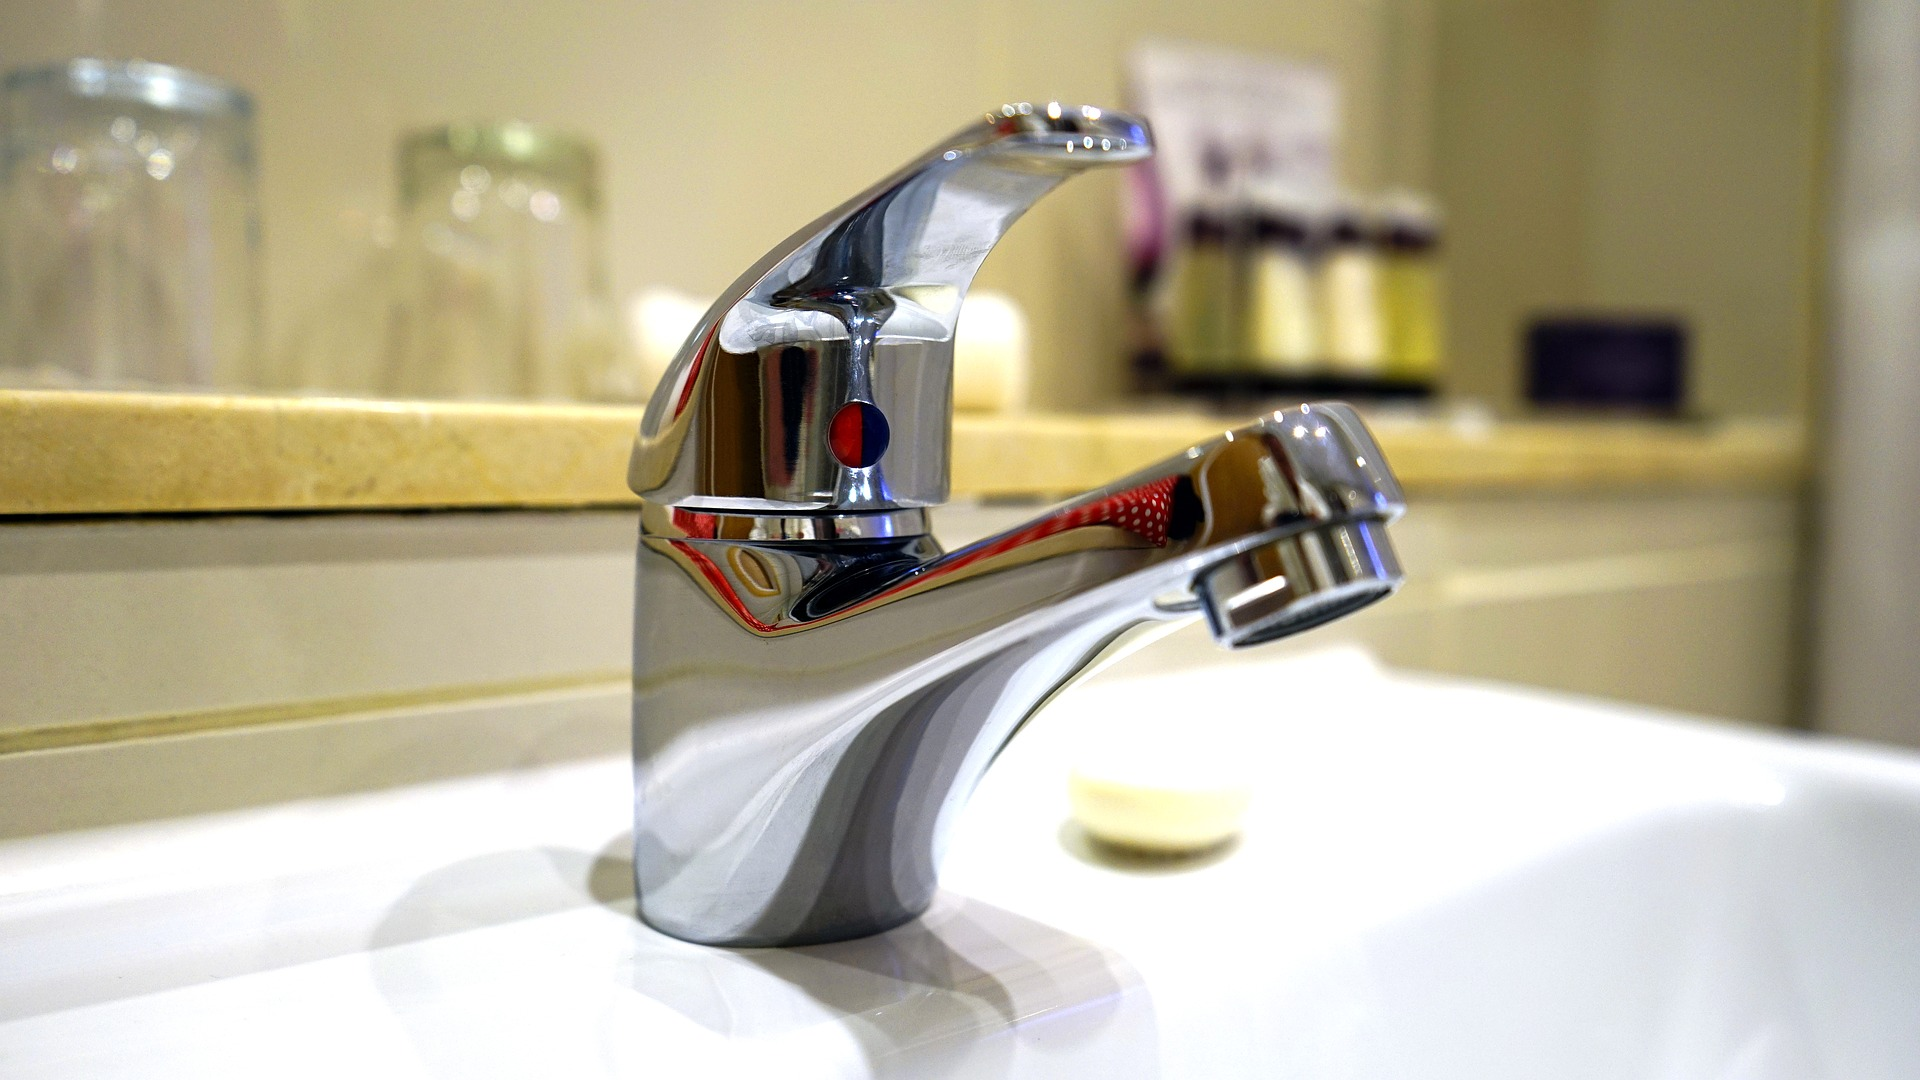 Kalk entfernen so wird ihr bad blitzeblank wohnen - Kalk entfernen wasserkocher ...